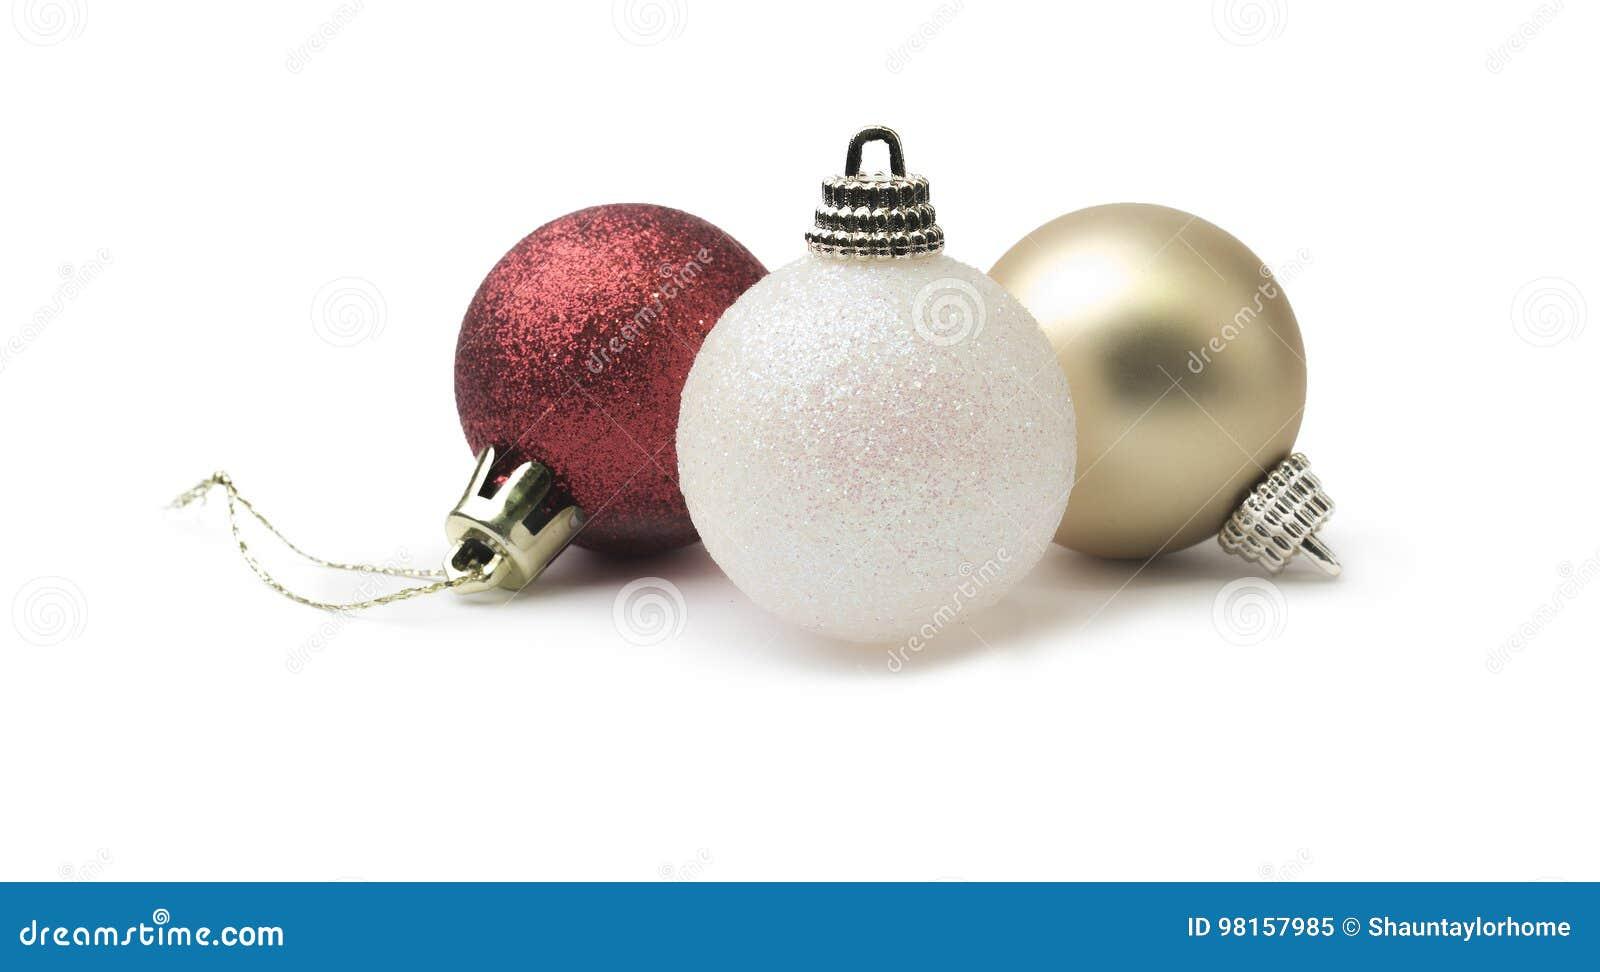 Rotes Gold des glänzenden Funkelns und weißes Weihnachtsflitter lokalisiert auf a